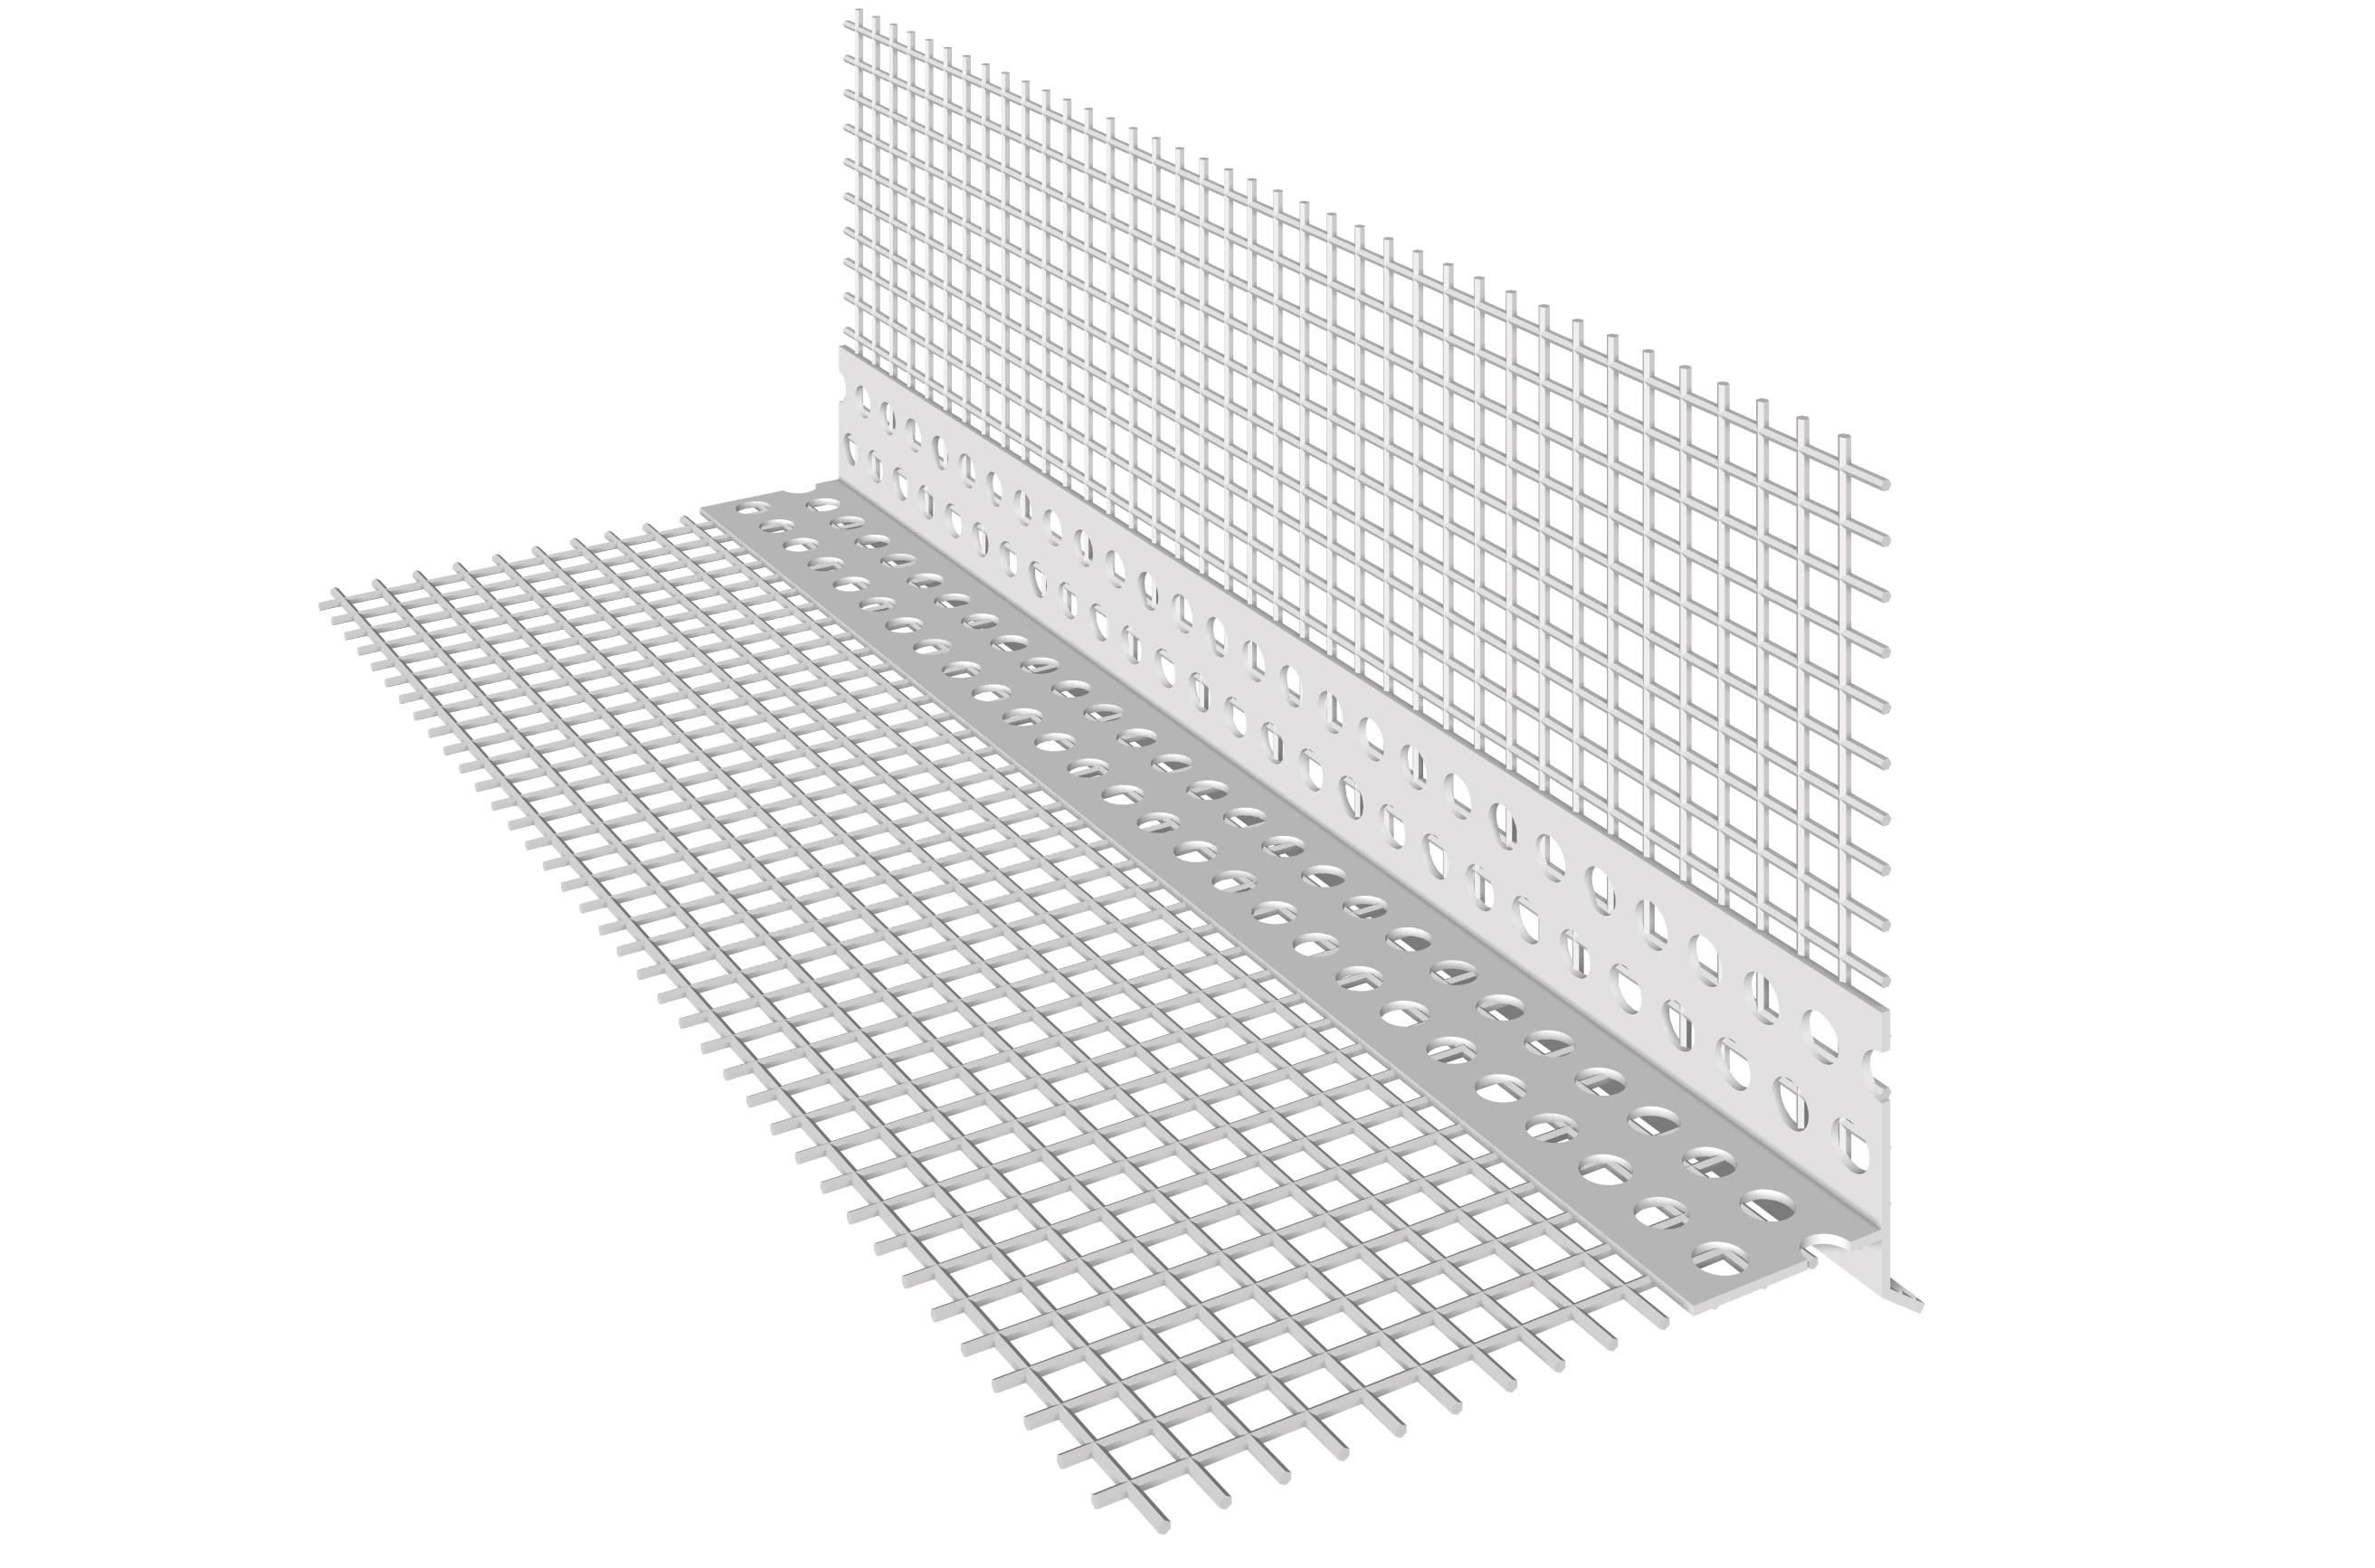 PERFIL EM PVC COM GOTEIRA DIAGONAL: Perfil em PVC com rede de fibra de vidro pré-colada e goteira diagonal